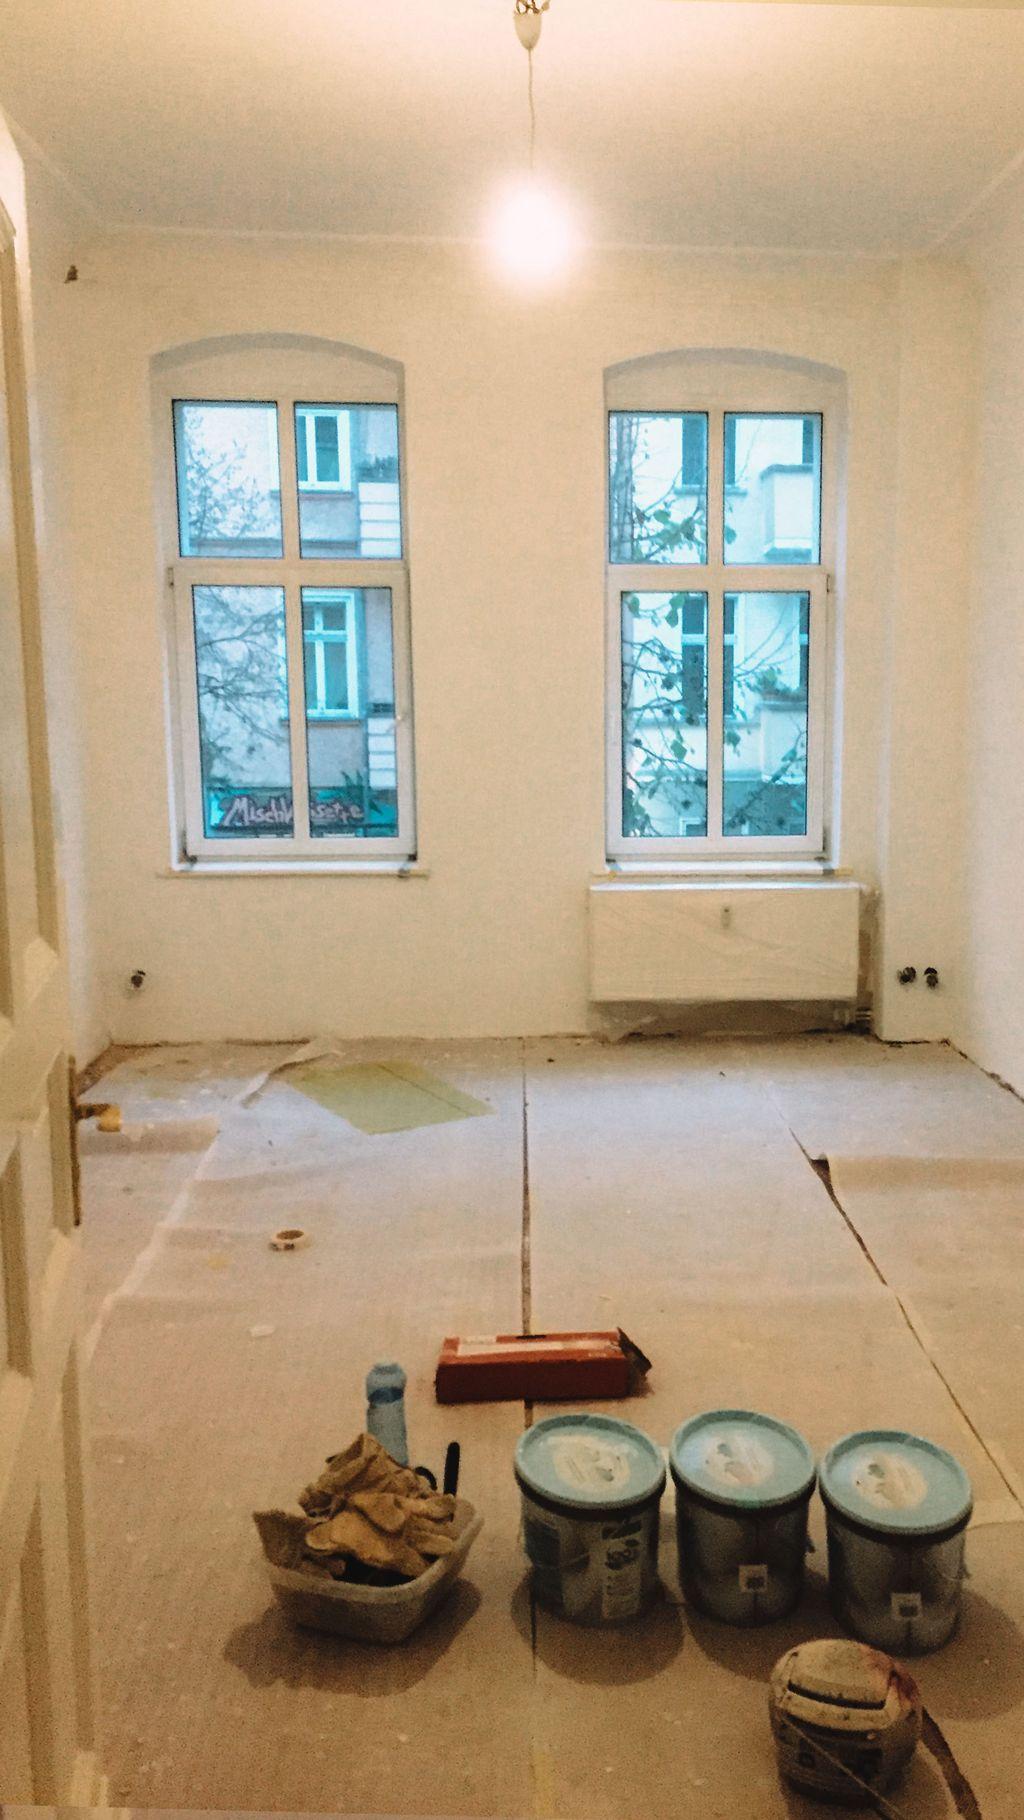 Ich bin in eine neue Wohnung gezogen! Dieses neu Beziehen wollen, hatte ziemlich viel Arbeit mit sich gebracht. Wir haben es mit vereinter Kraft geschafft